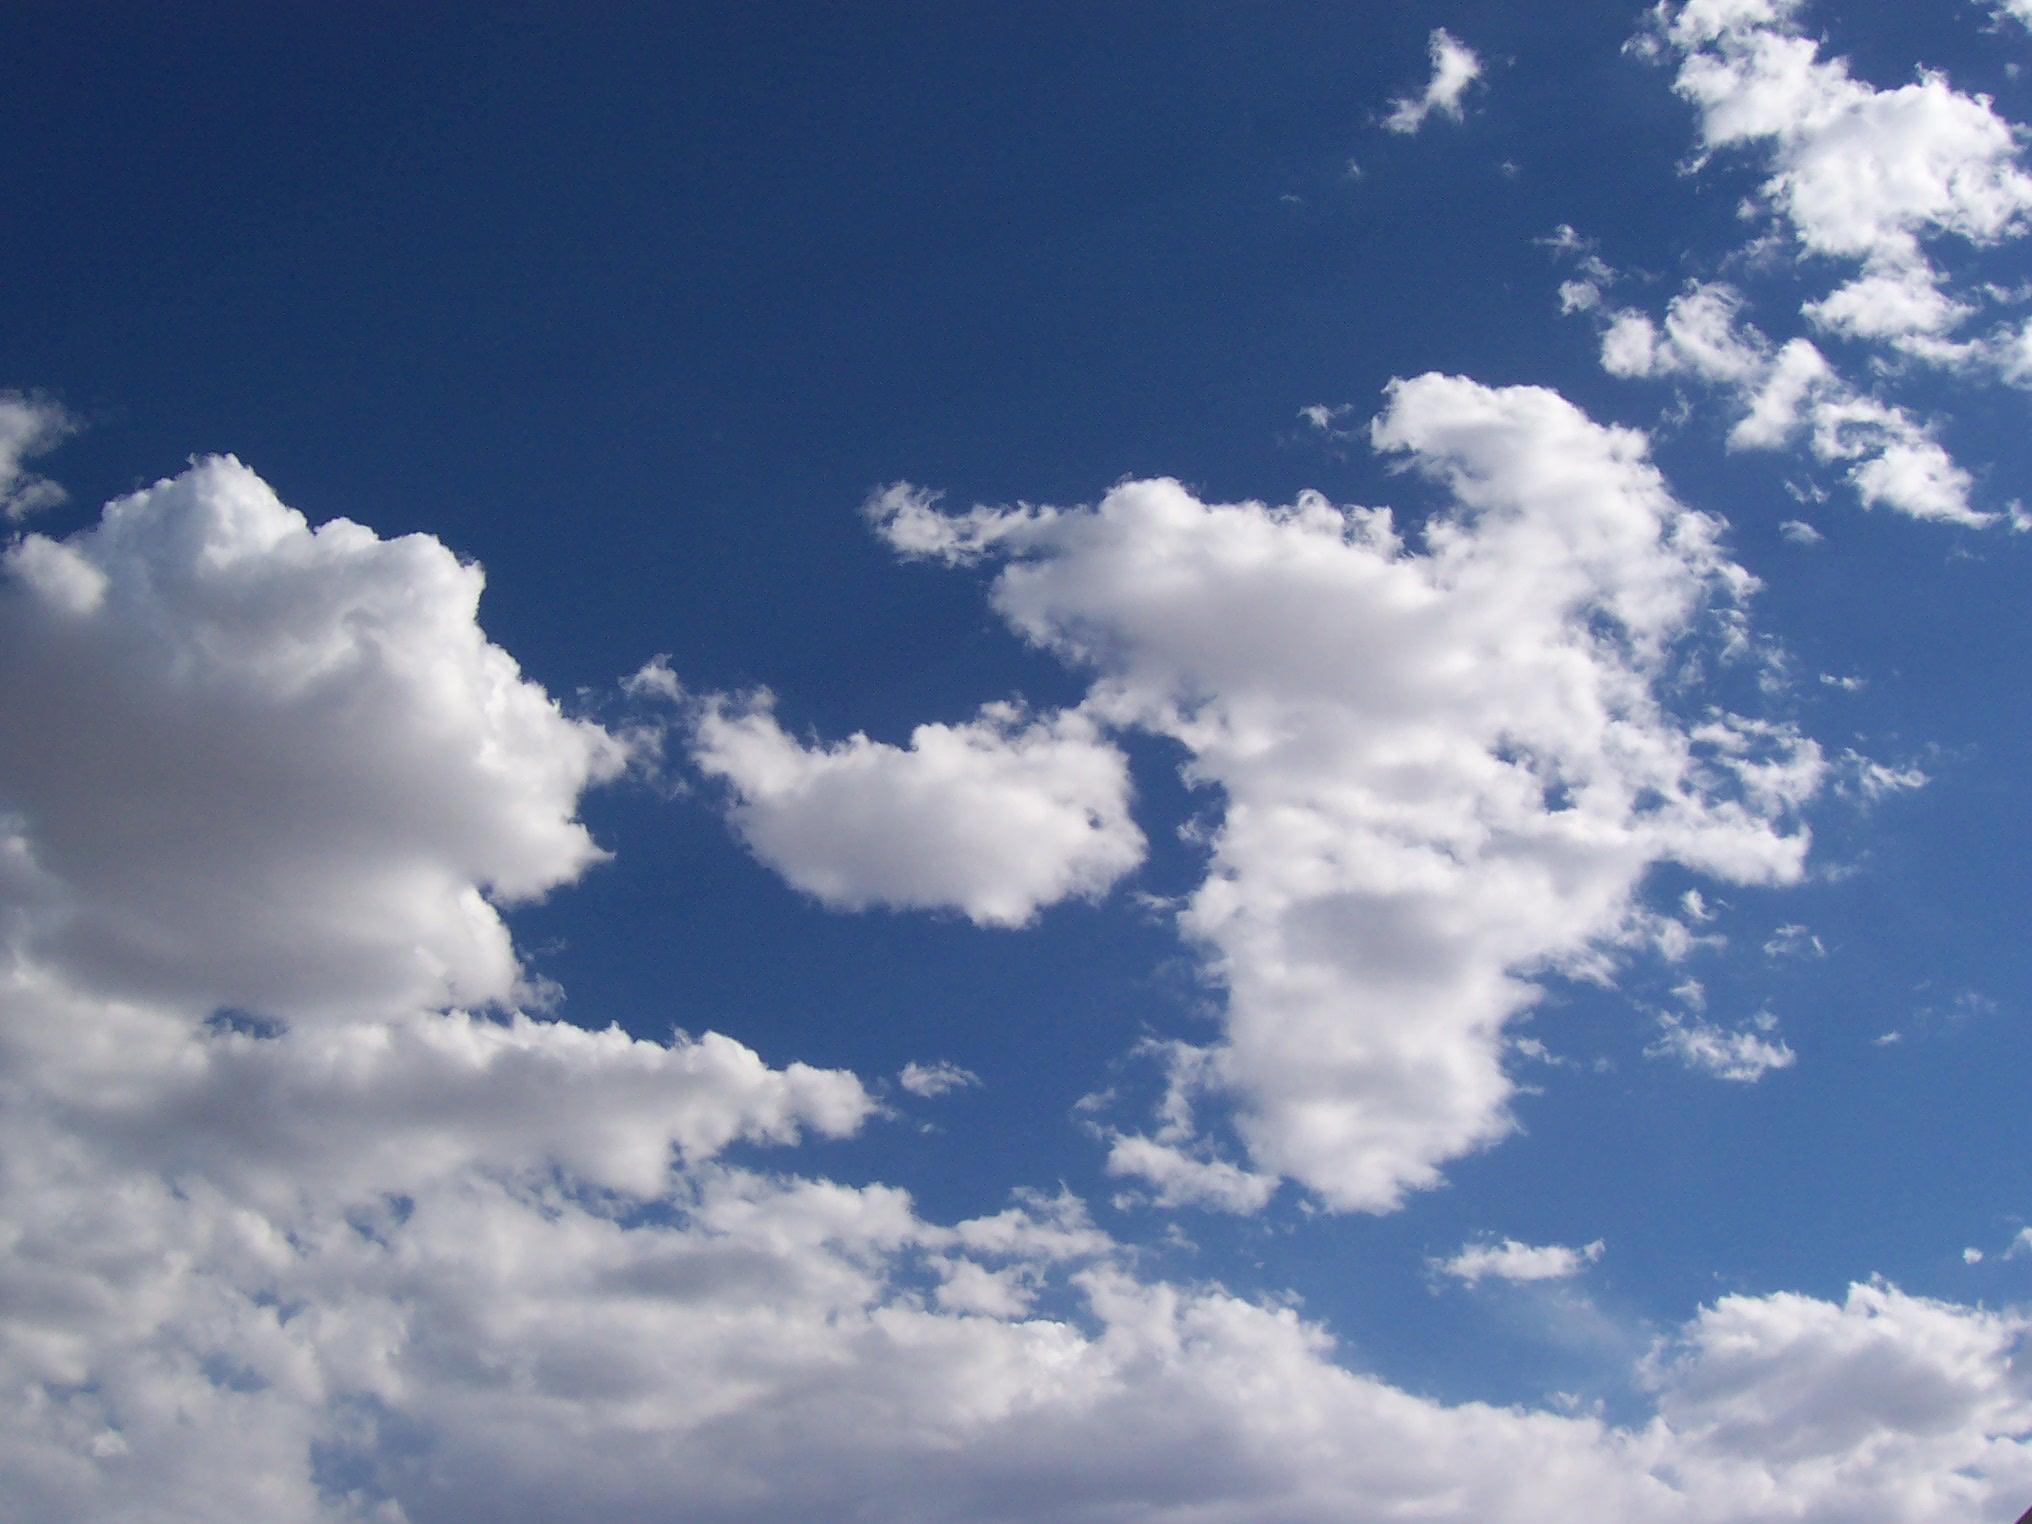 Как сделать свою фотографию на небе 772